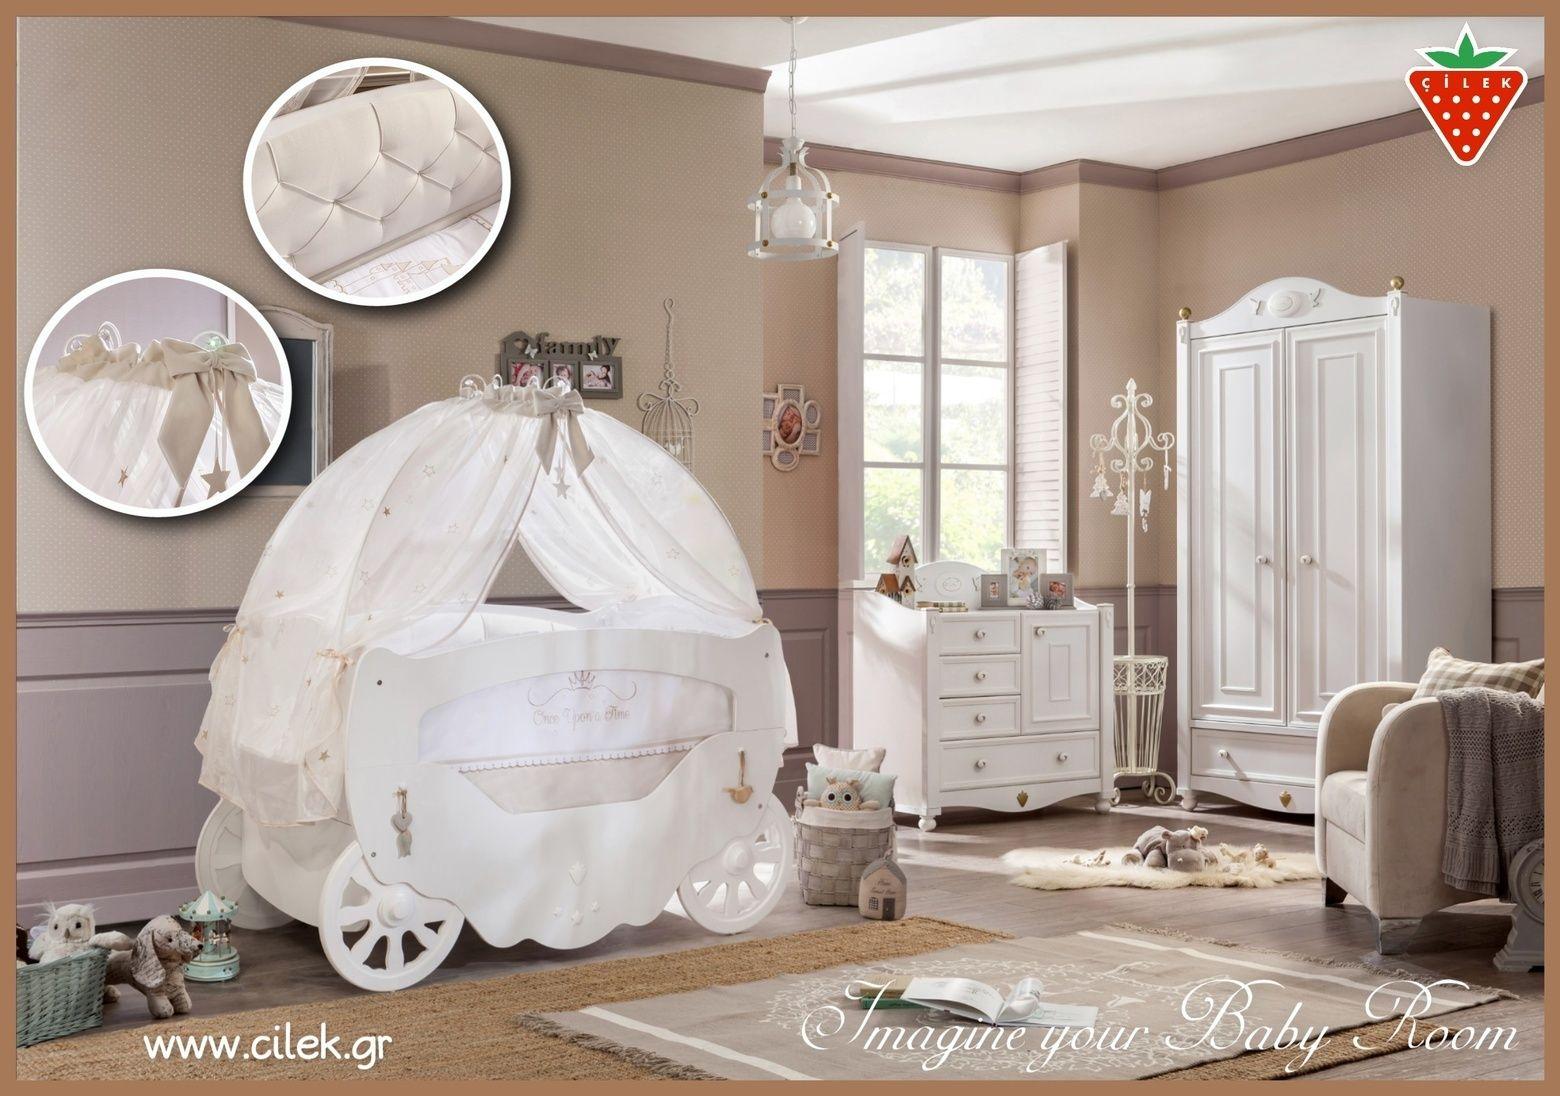 b39805a95ab5 Βρεφική κούνια άμαξα To μοναδικό κουκλίστικο βρεφικό κρεβάτι - άμαξα για το  νέο μέλος της οικογένειας